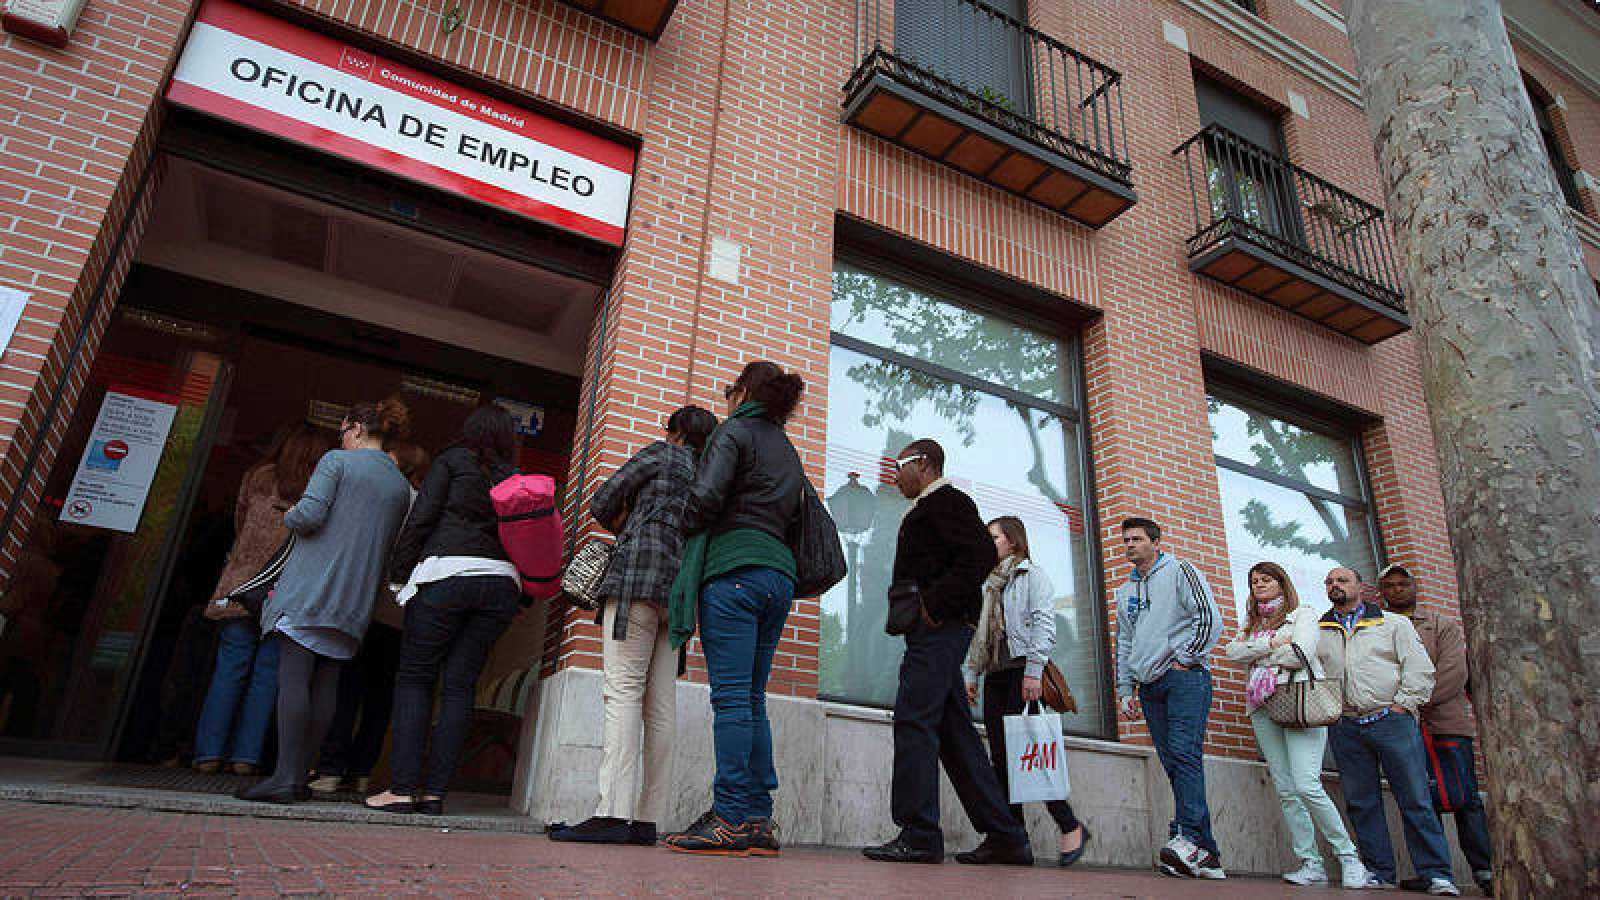 Un grupo de personas hace cola en una oficina de Empleo Alcalá de Henares (Madrid)